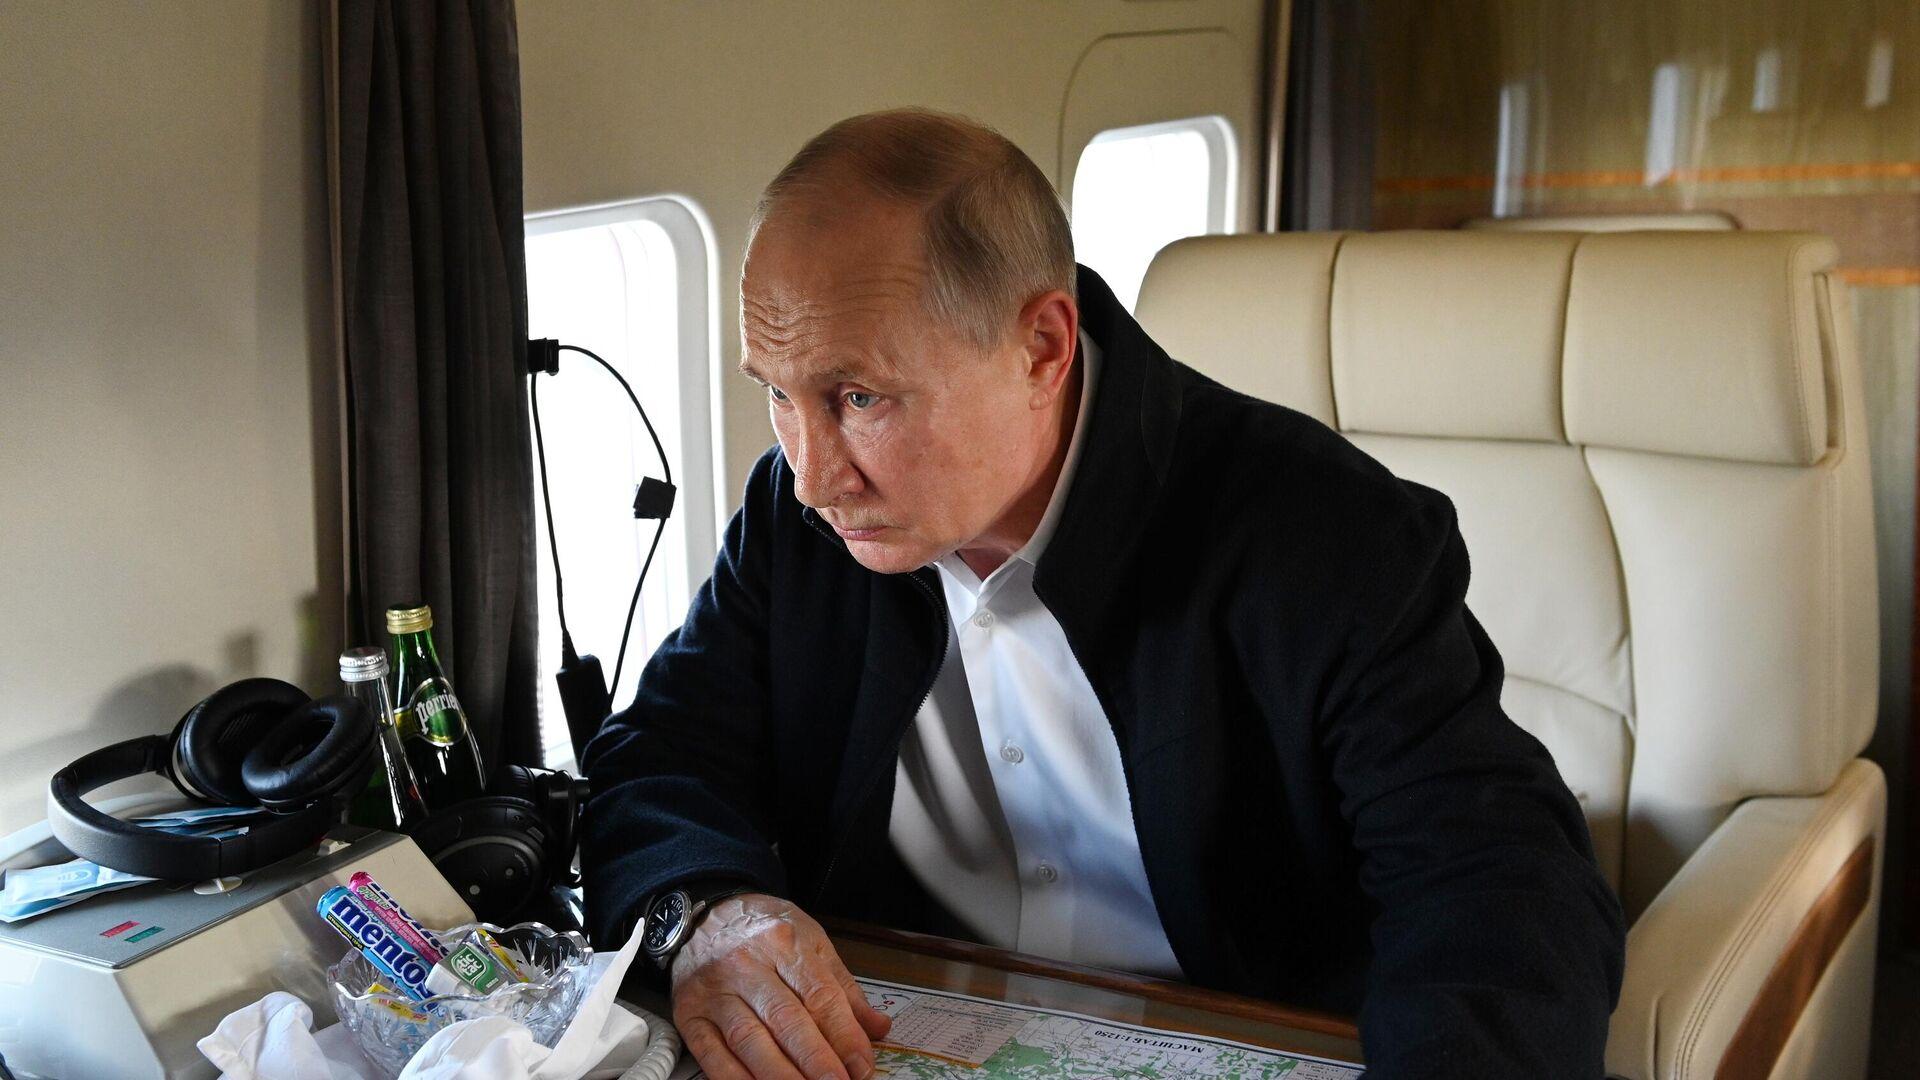 Руски председник Владимир Путин у хеликоптеру - Sputnik Србија, 1920, 01.09.2021